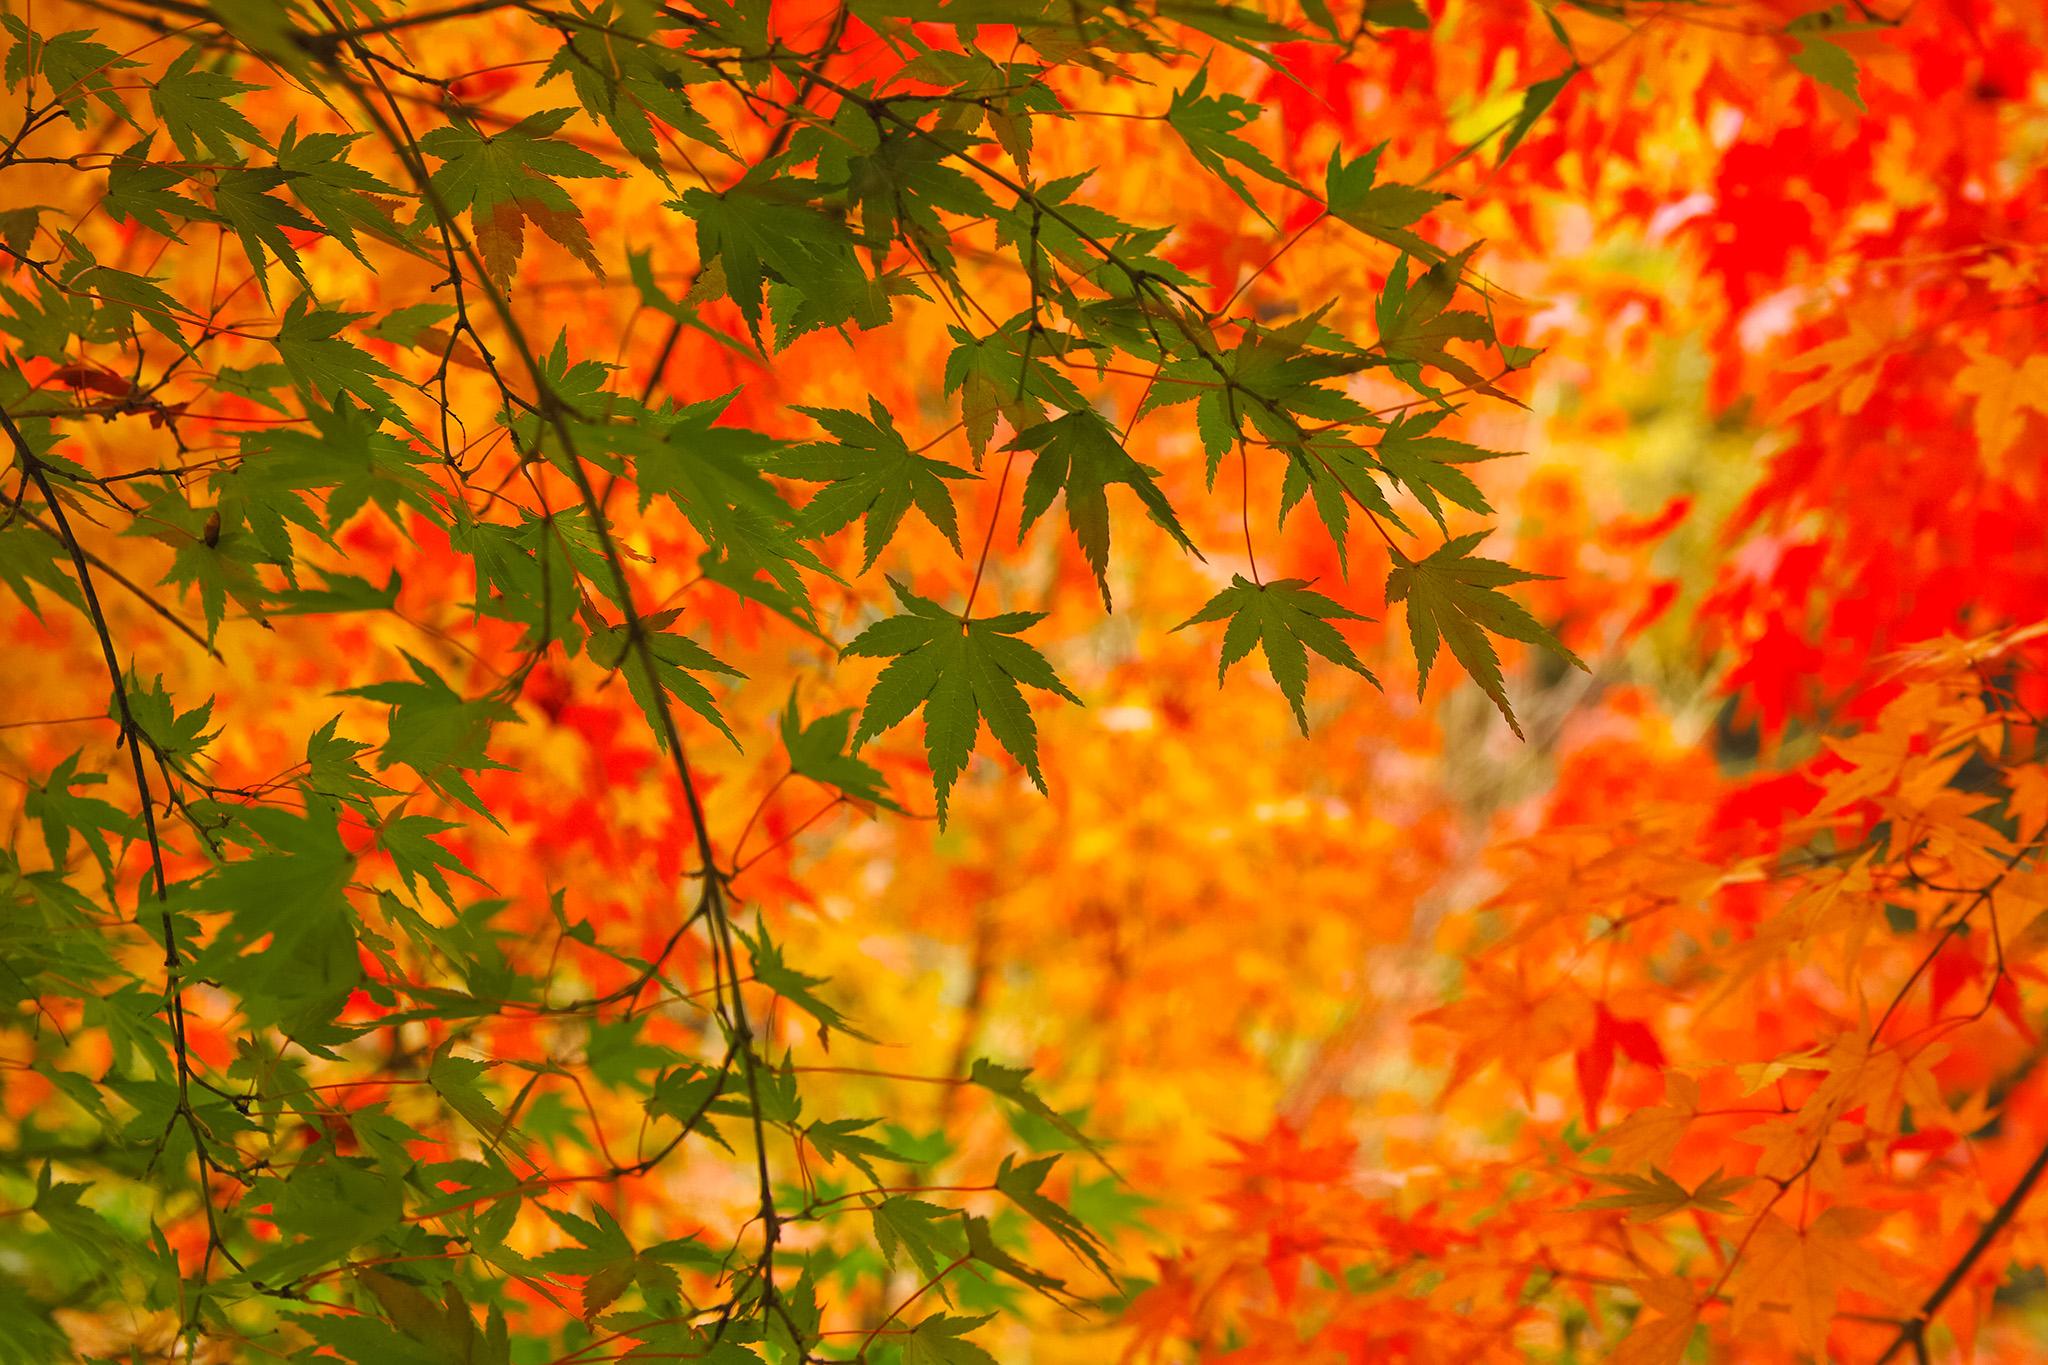 「美しい青葉と紅葉の秋背景」